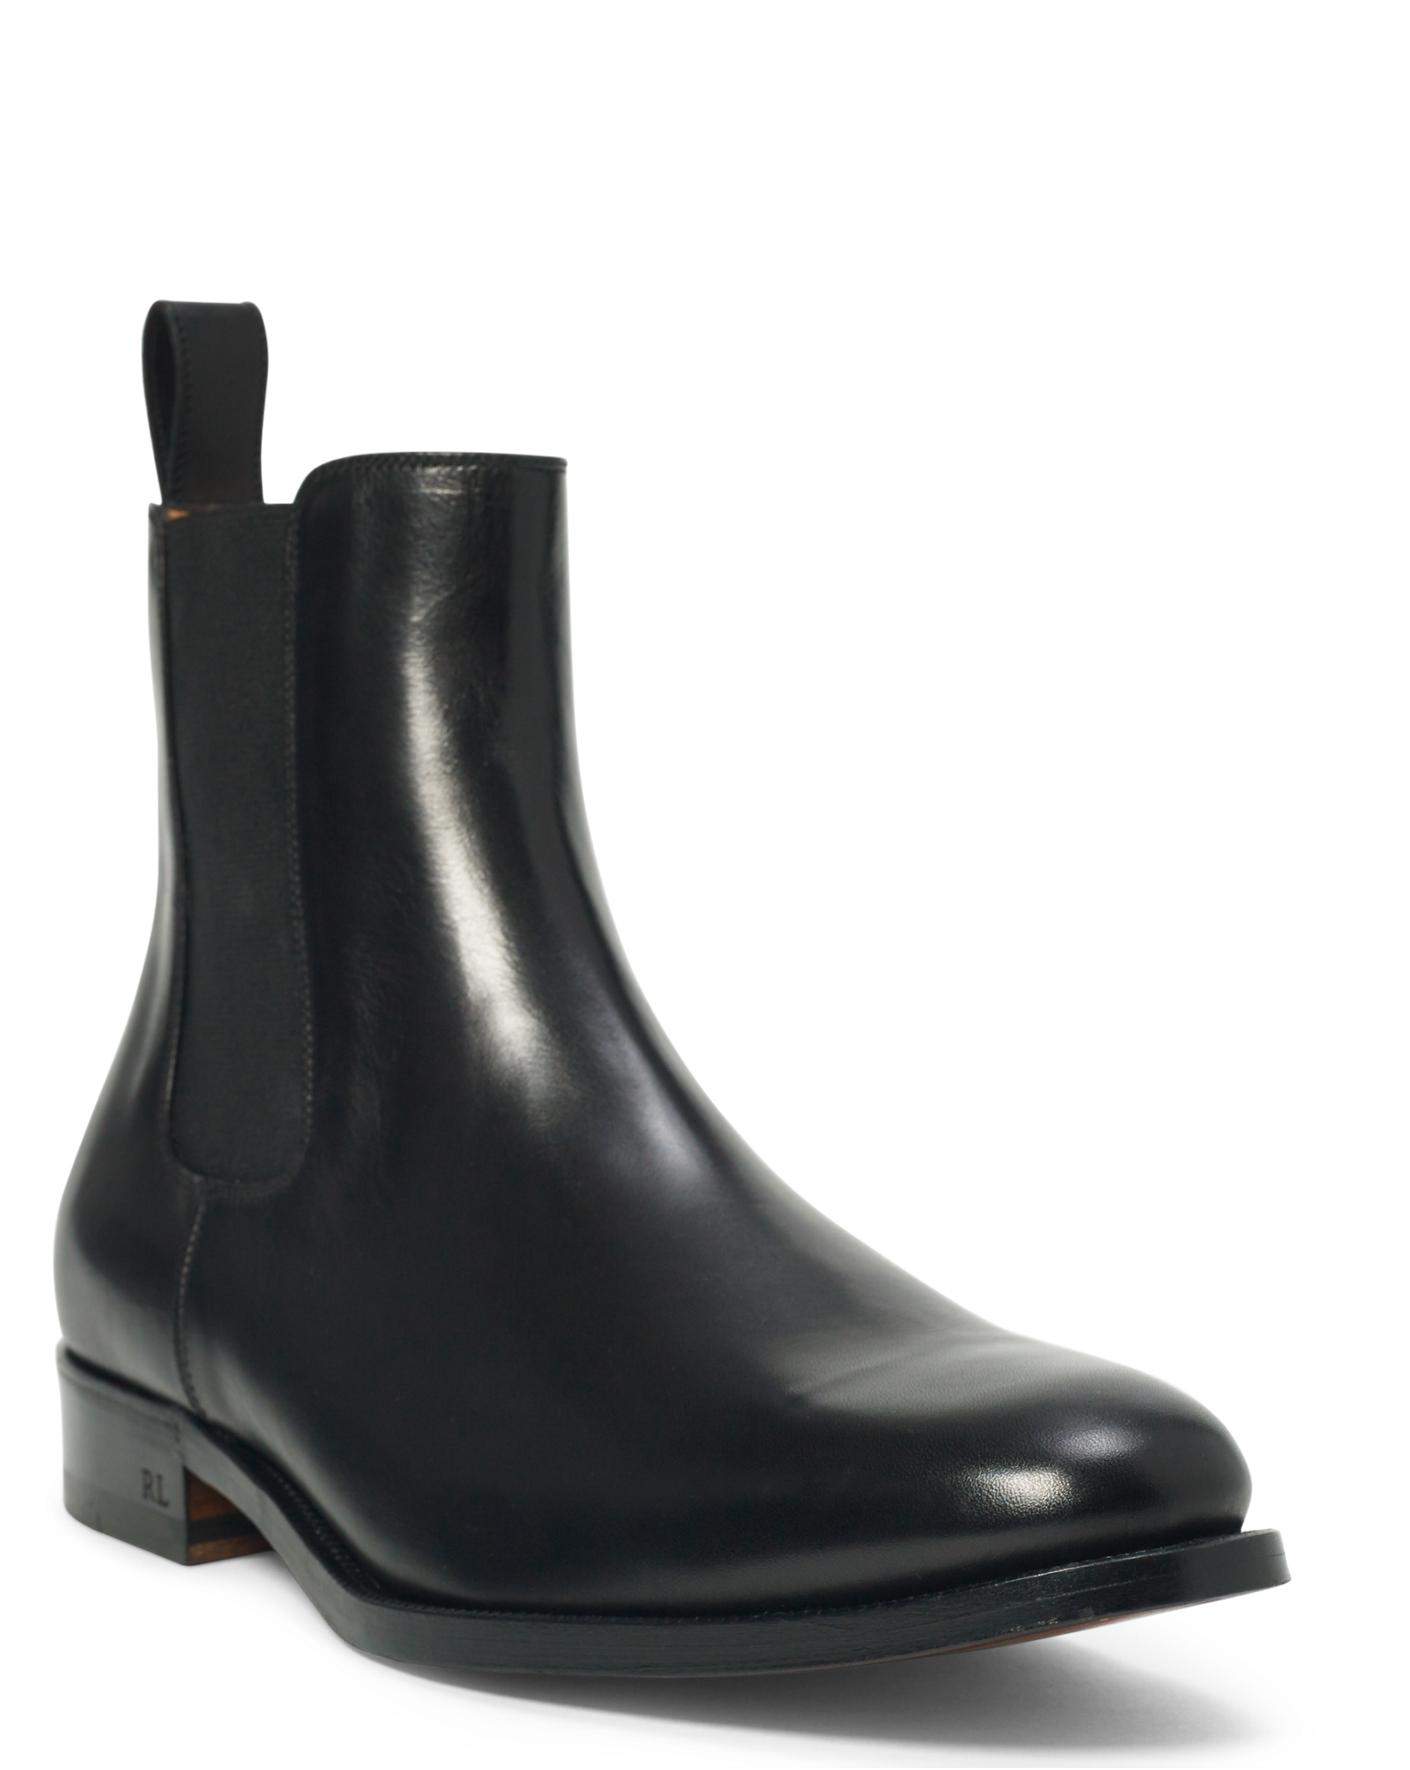 Belgrade Chelsea Boot - Boots Shoes - RalphLauren.com